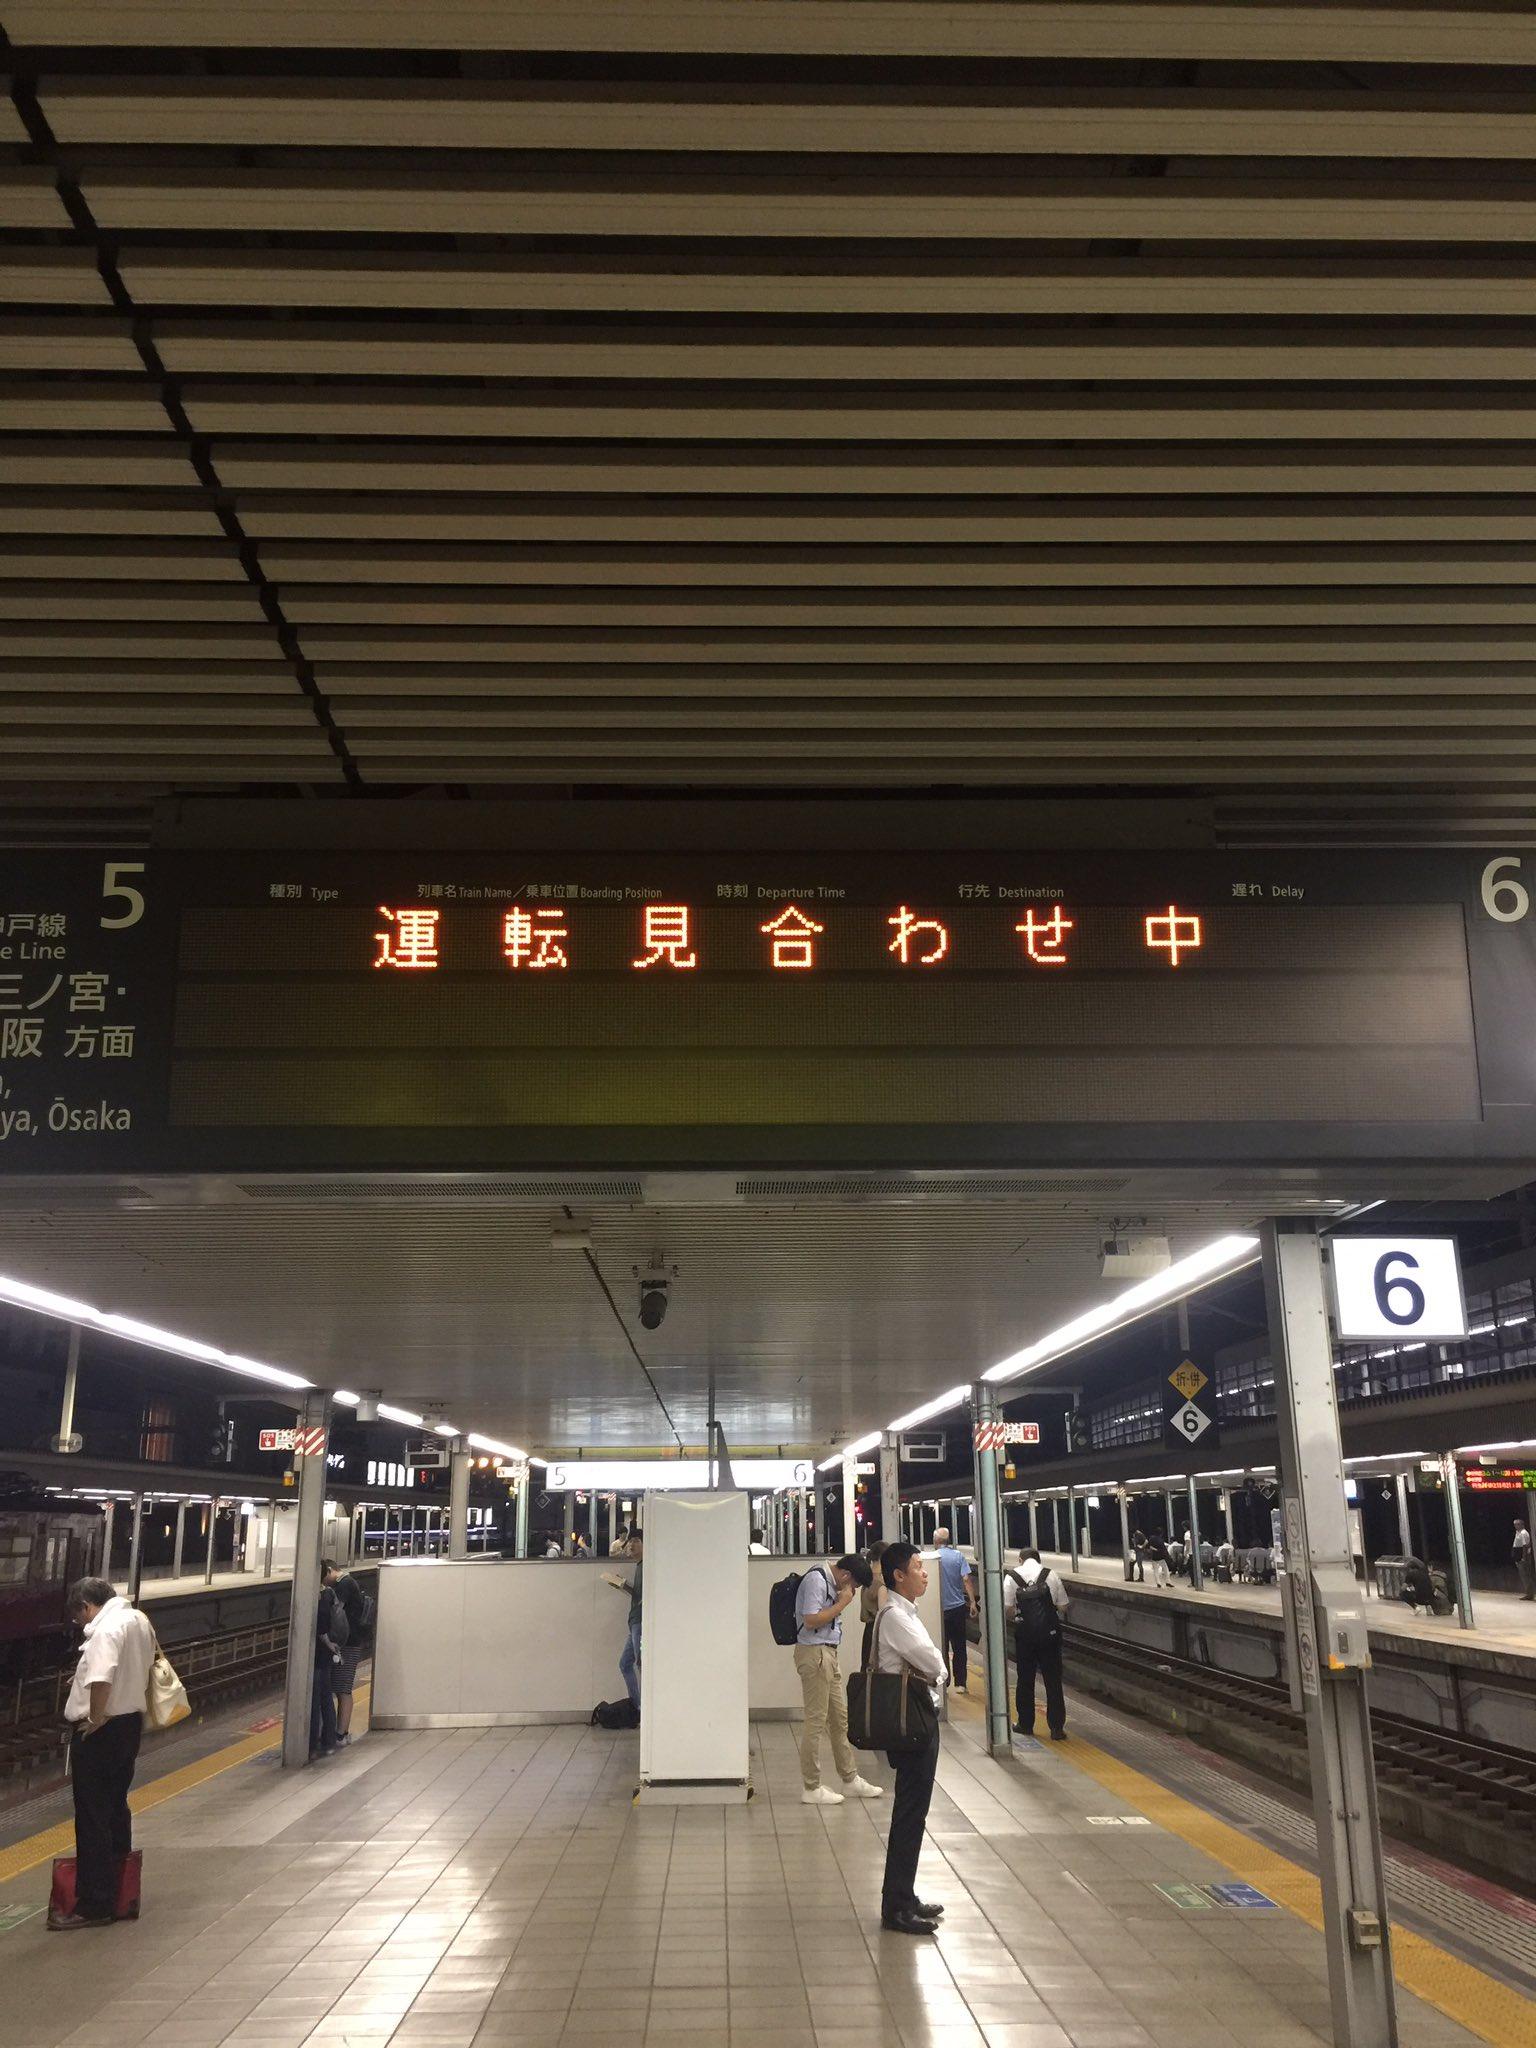 画像,岡山で短時間で現れたバスの引き具合はボートピア姫路での惨敗と人身事故の合わせ技でパイルドライバーでしっぺ返し。 https://t.co/xWbqMbjXDq…